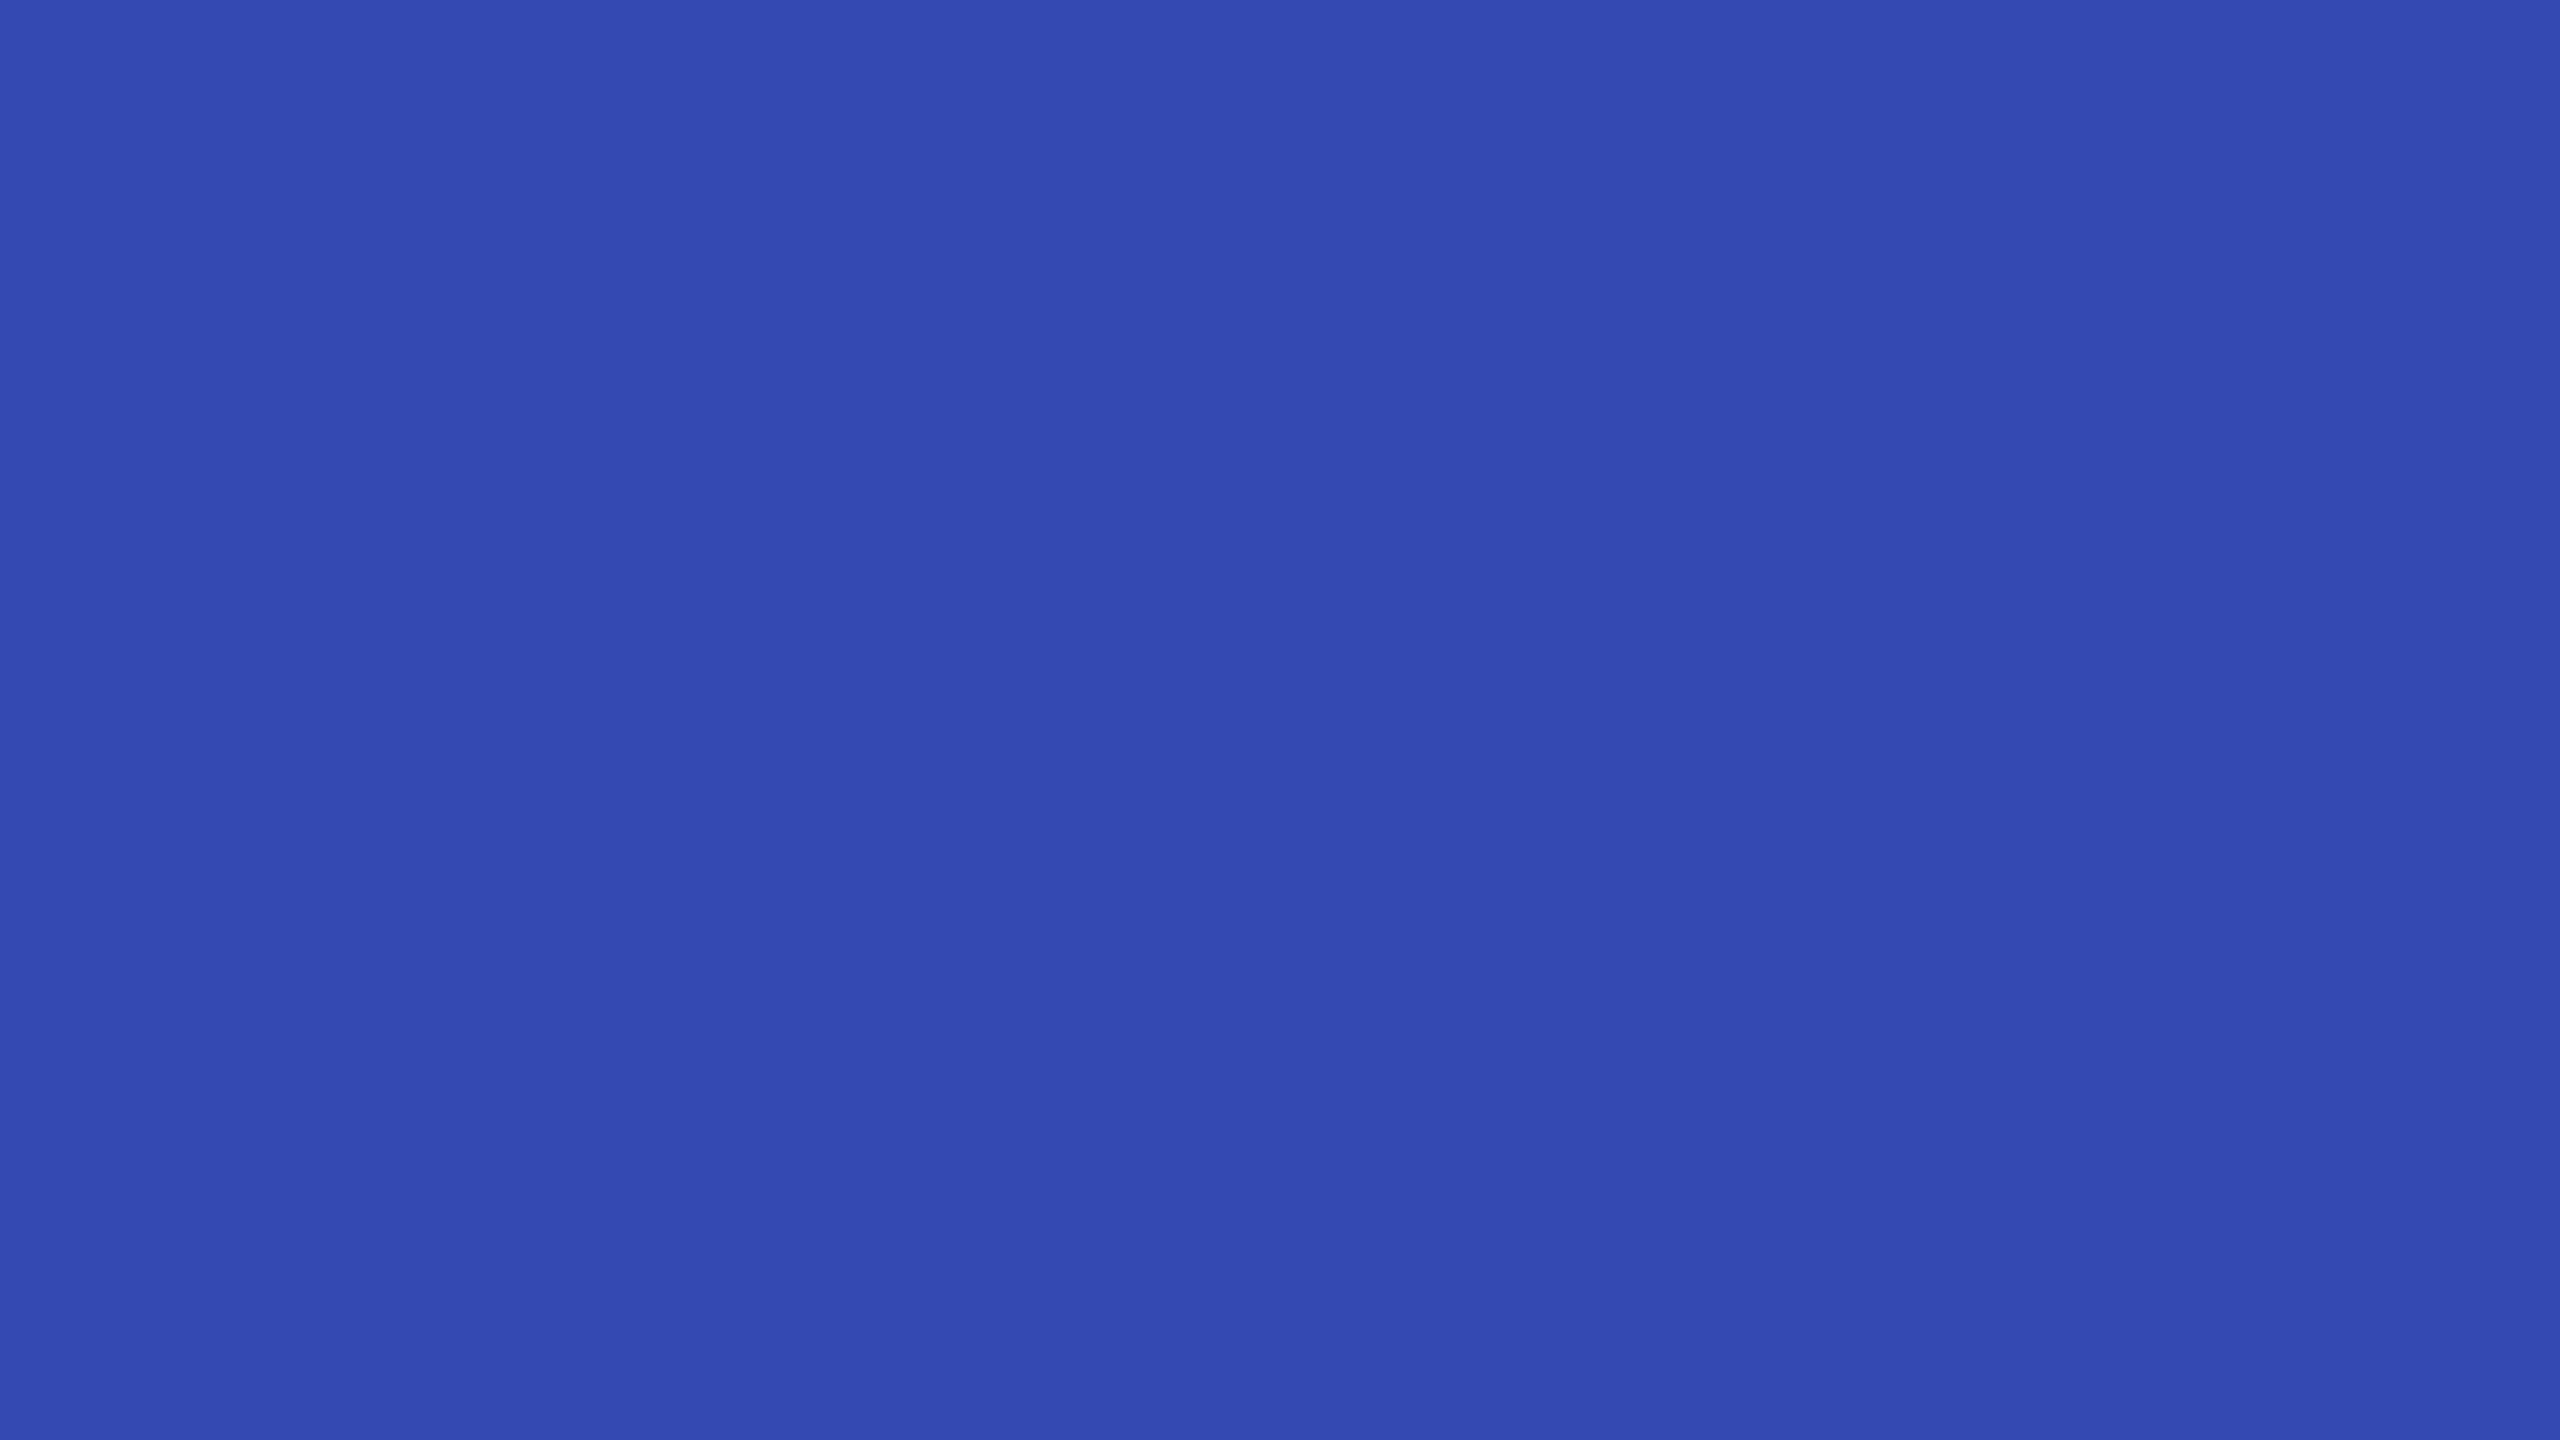 2560x1440 Violet-blue Solid Color Background